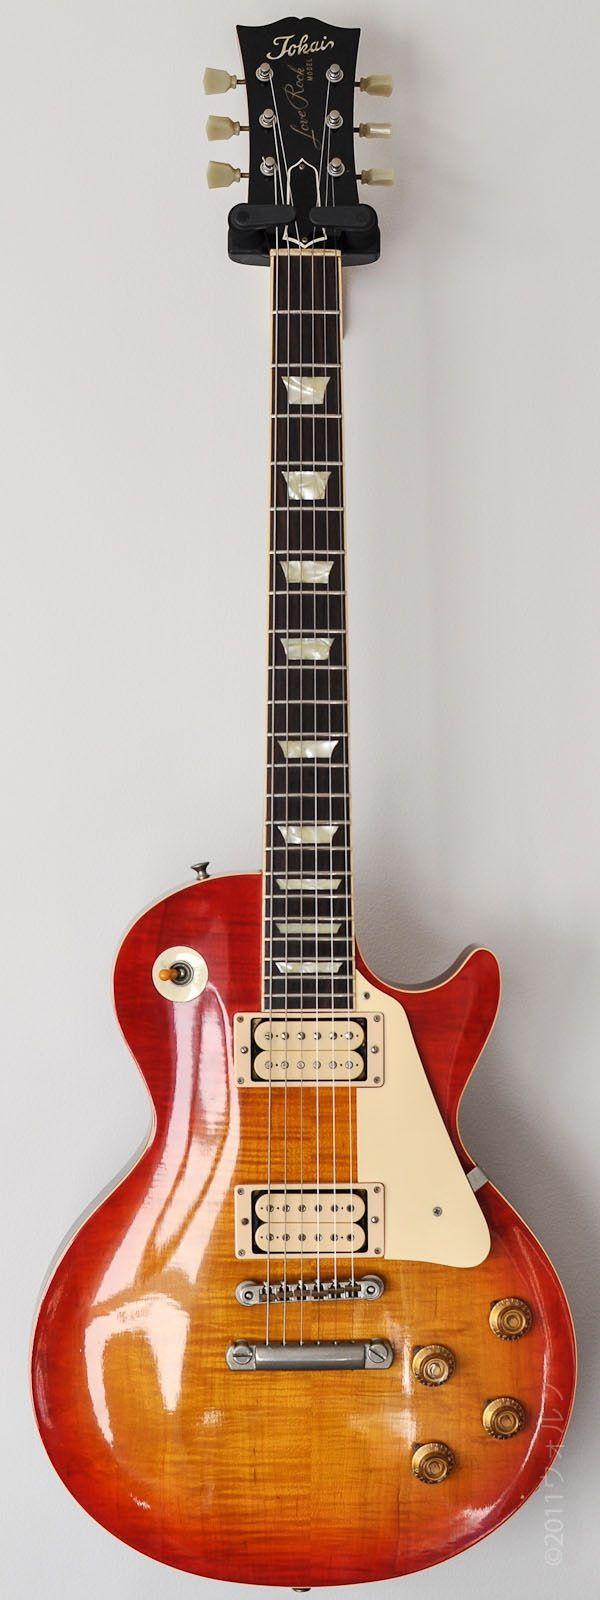 Tokai Love Rock Ls 150 1981 Tokai Les Paul Guitars Electric Guitar